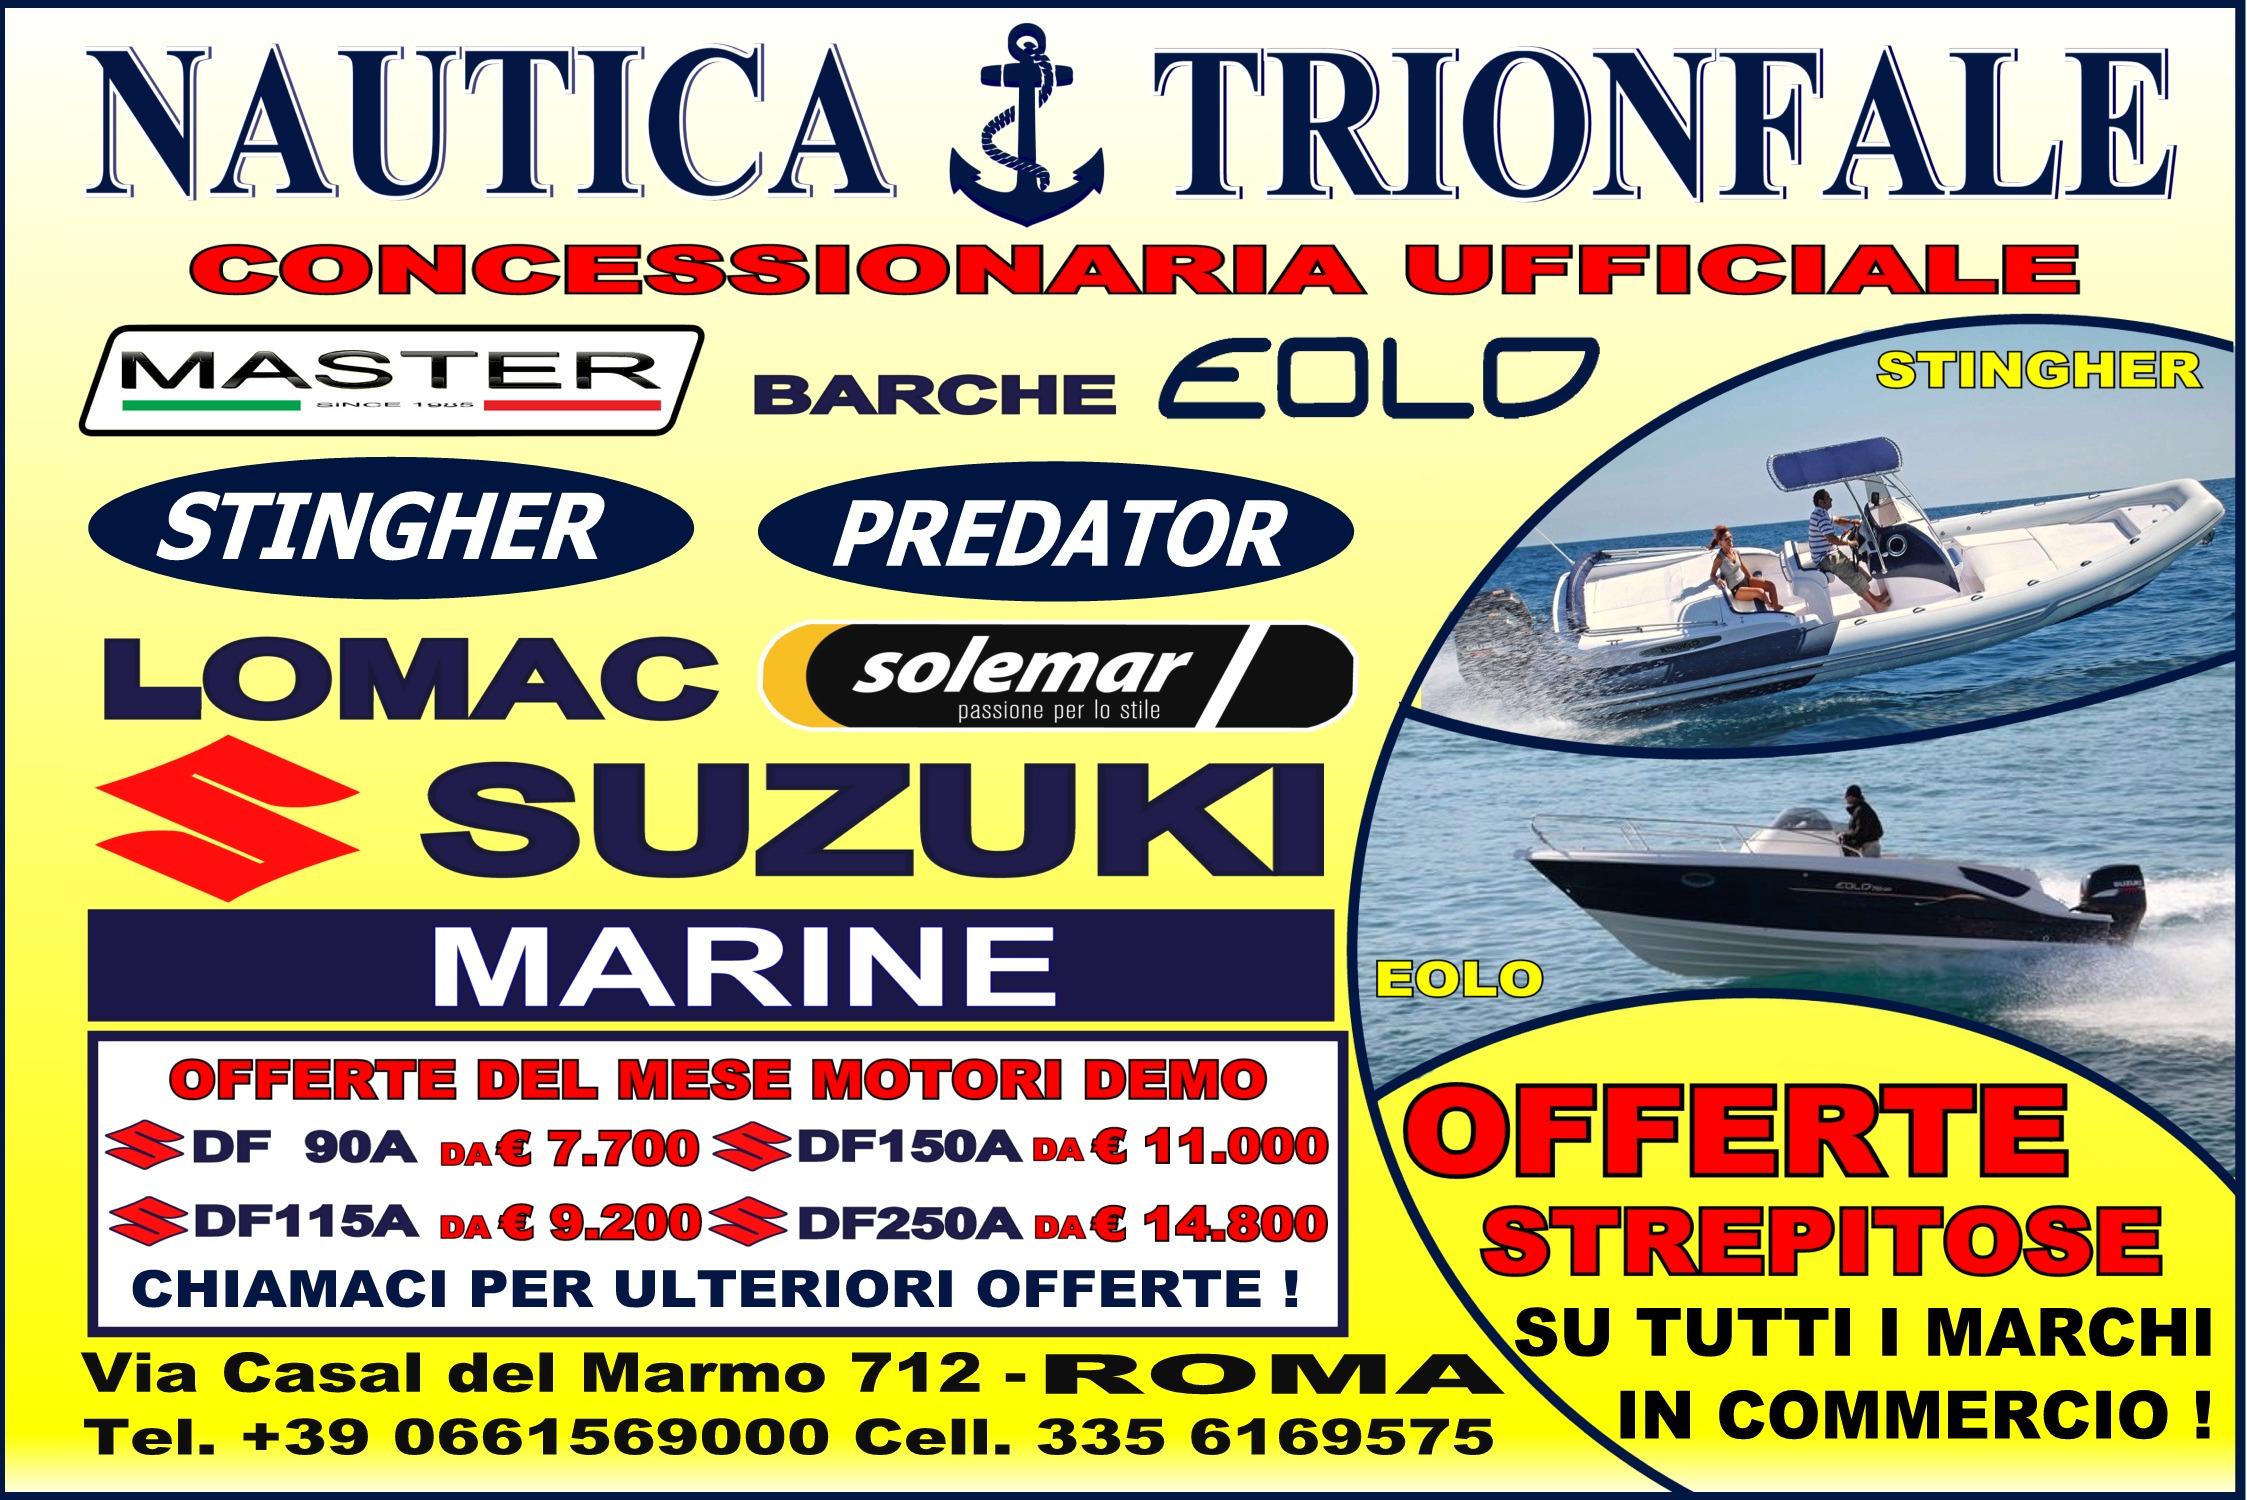 Nautica trionfale roma - offerte barche e gommoni roma 2018